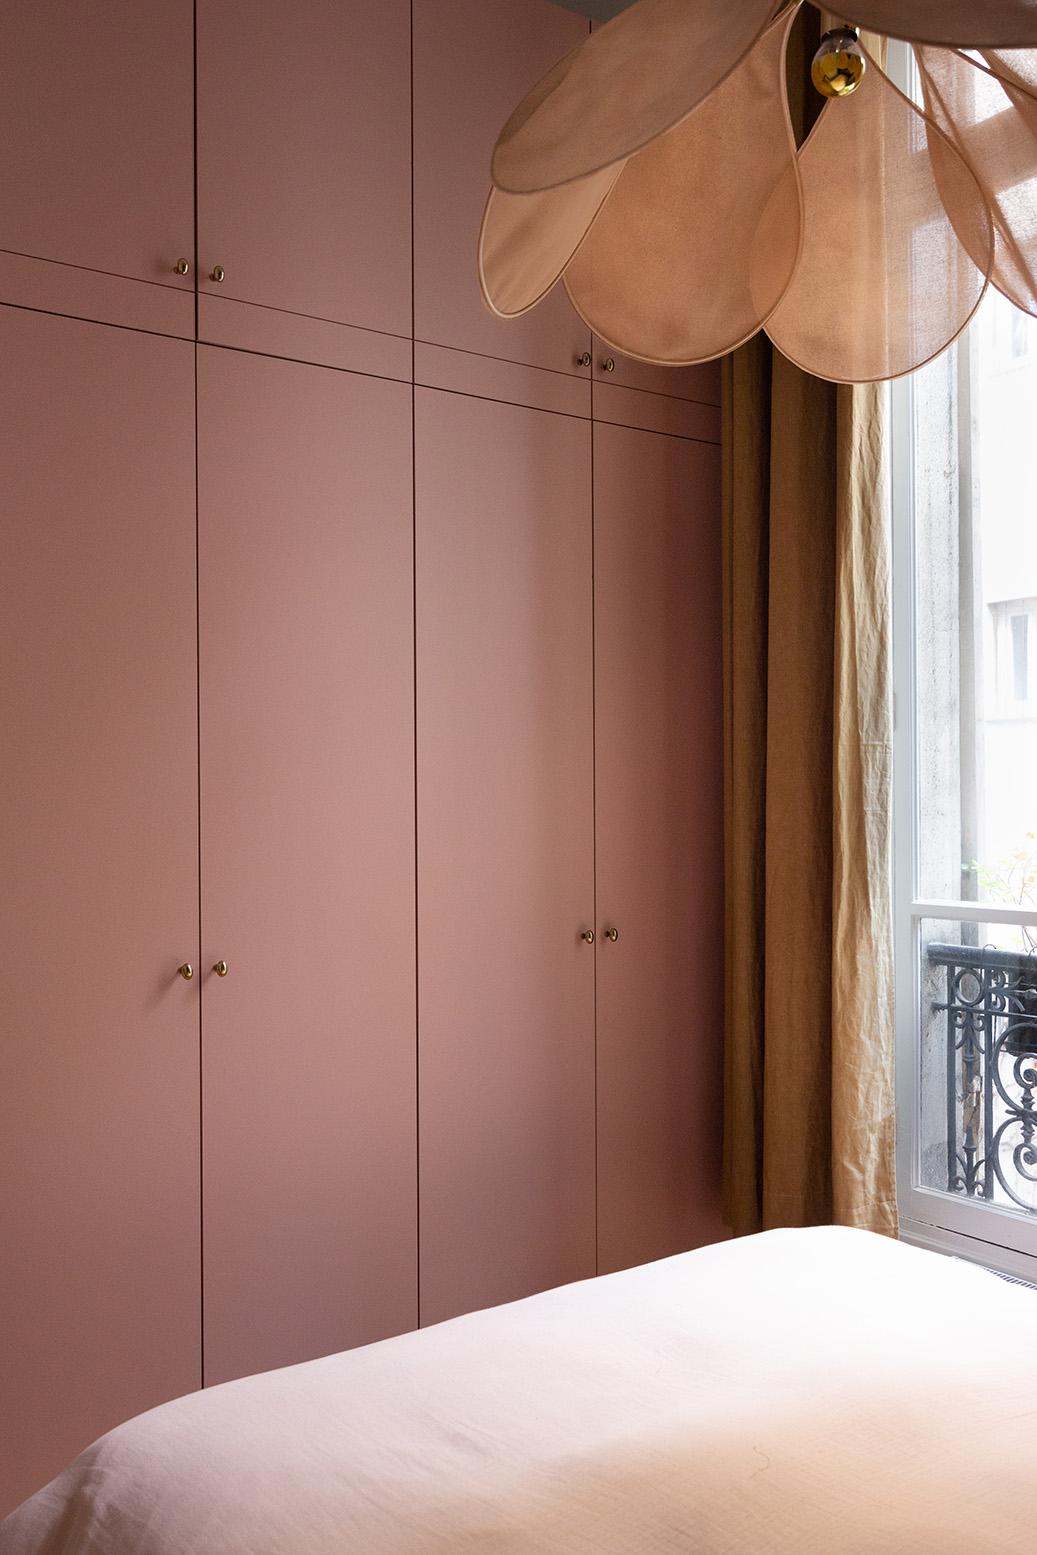 Rénovation appartement haussmannien - dressing sur-mesure toute hauteur- rose nude - Architecte intérieur Paris - Studio Mariekke